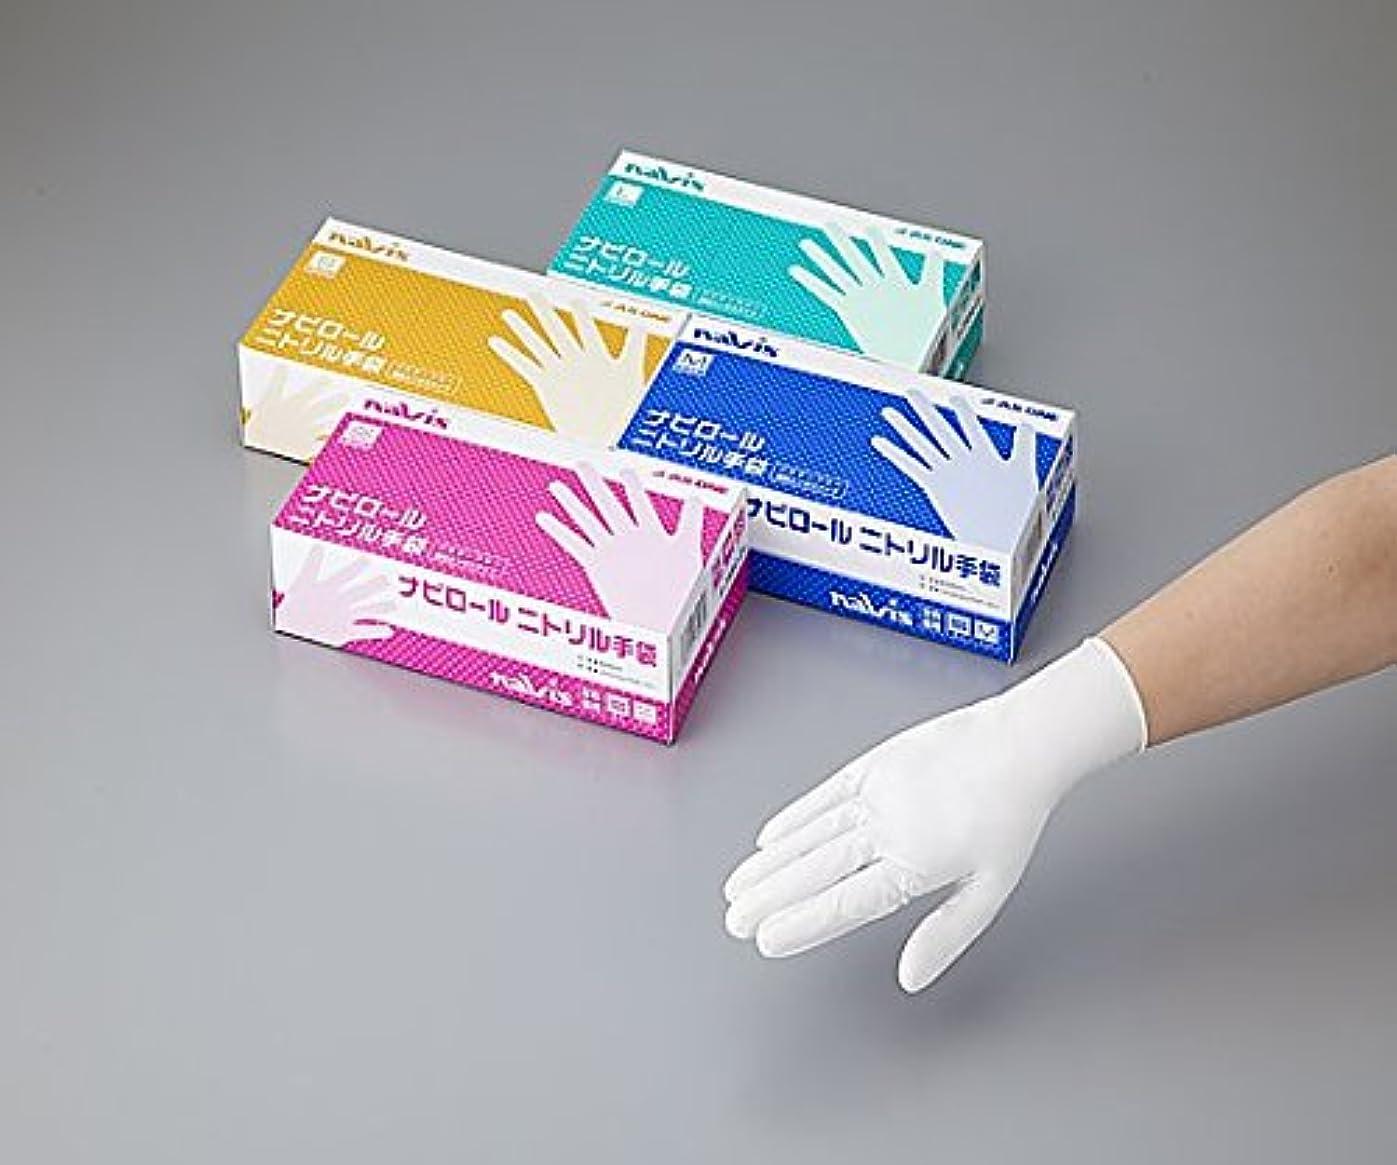 ホイスト調整可能論争的ナビス(アズワン)8-2584-01ナビロールニトリル手袋ホワイトL